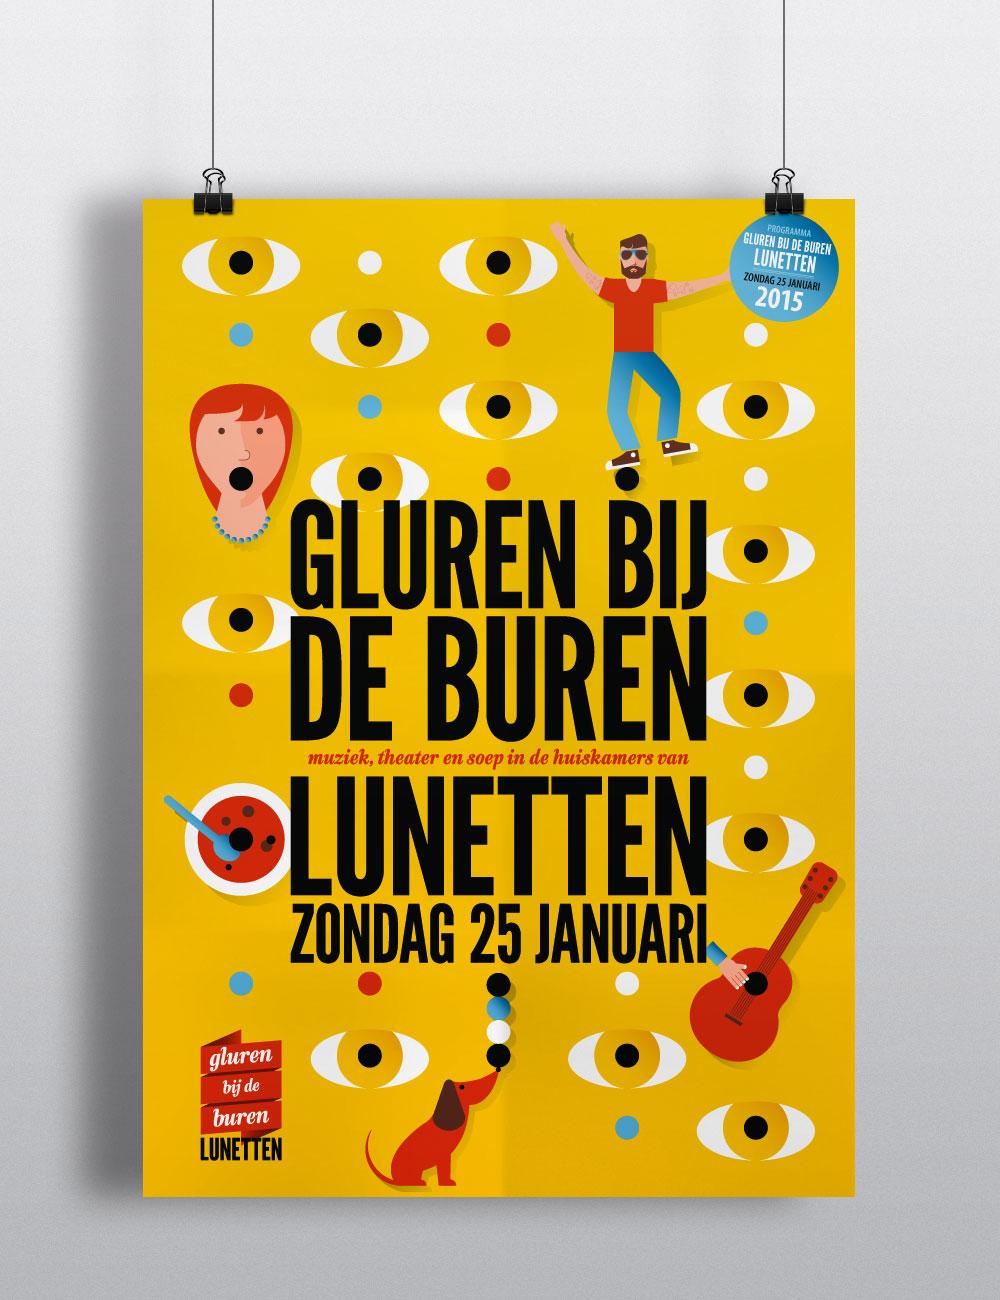 Poster_Gluren_bij_de_buren_2015_basic